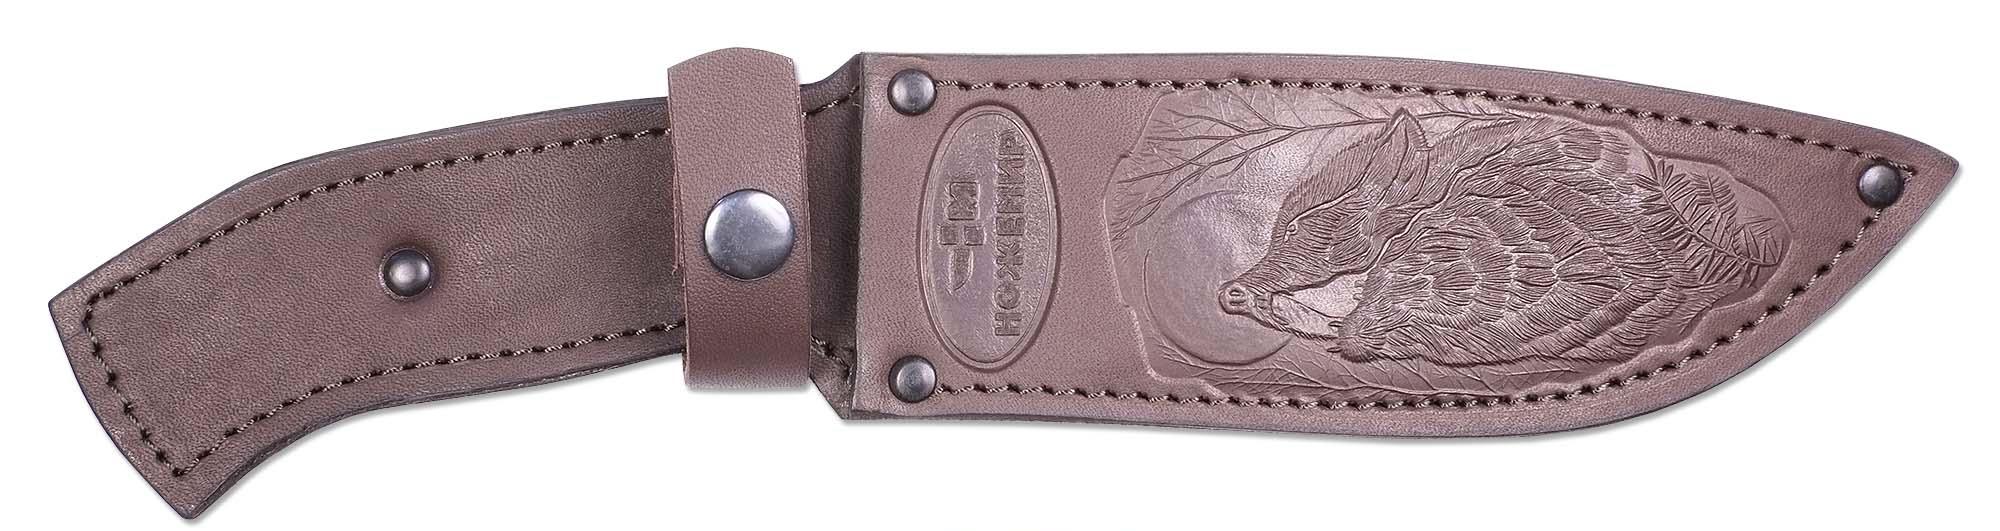 Чехол для нескладного ножа Ножемир, цвет: коричневый. Чехол №12(к)